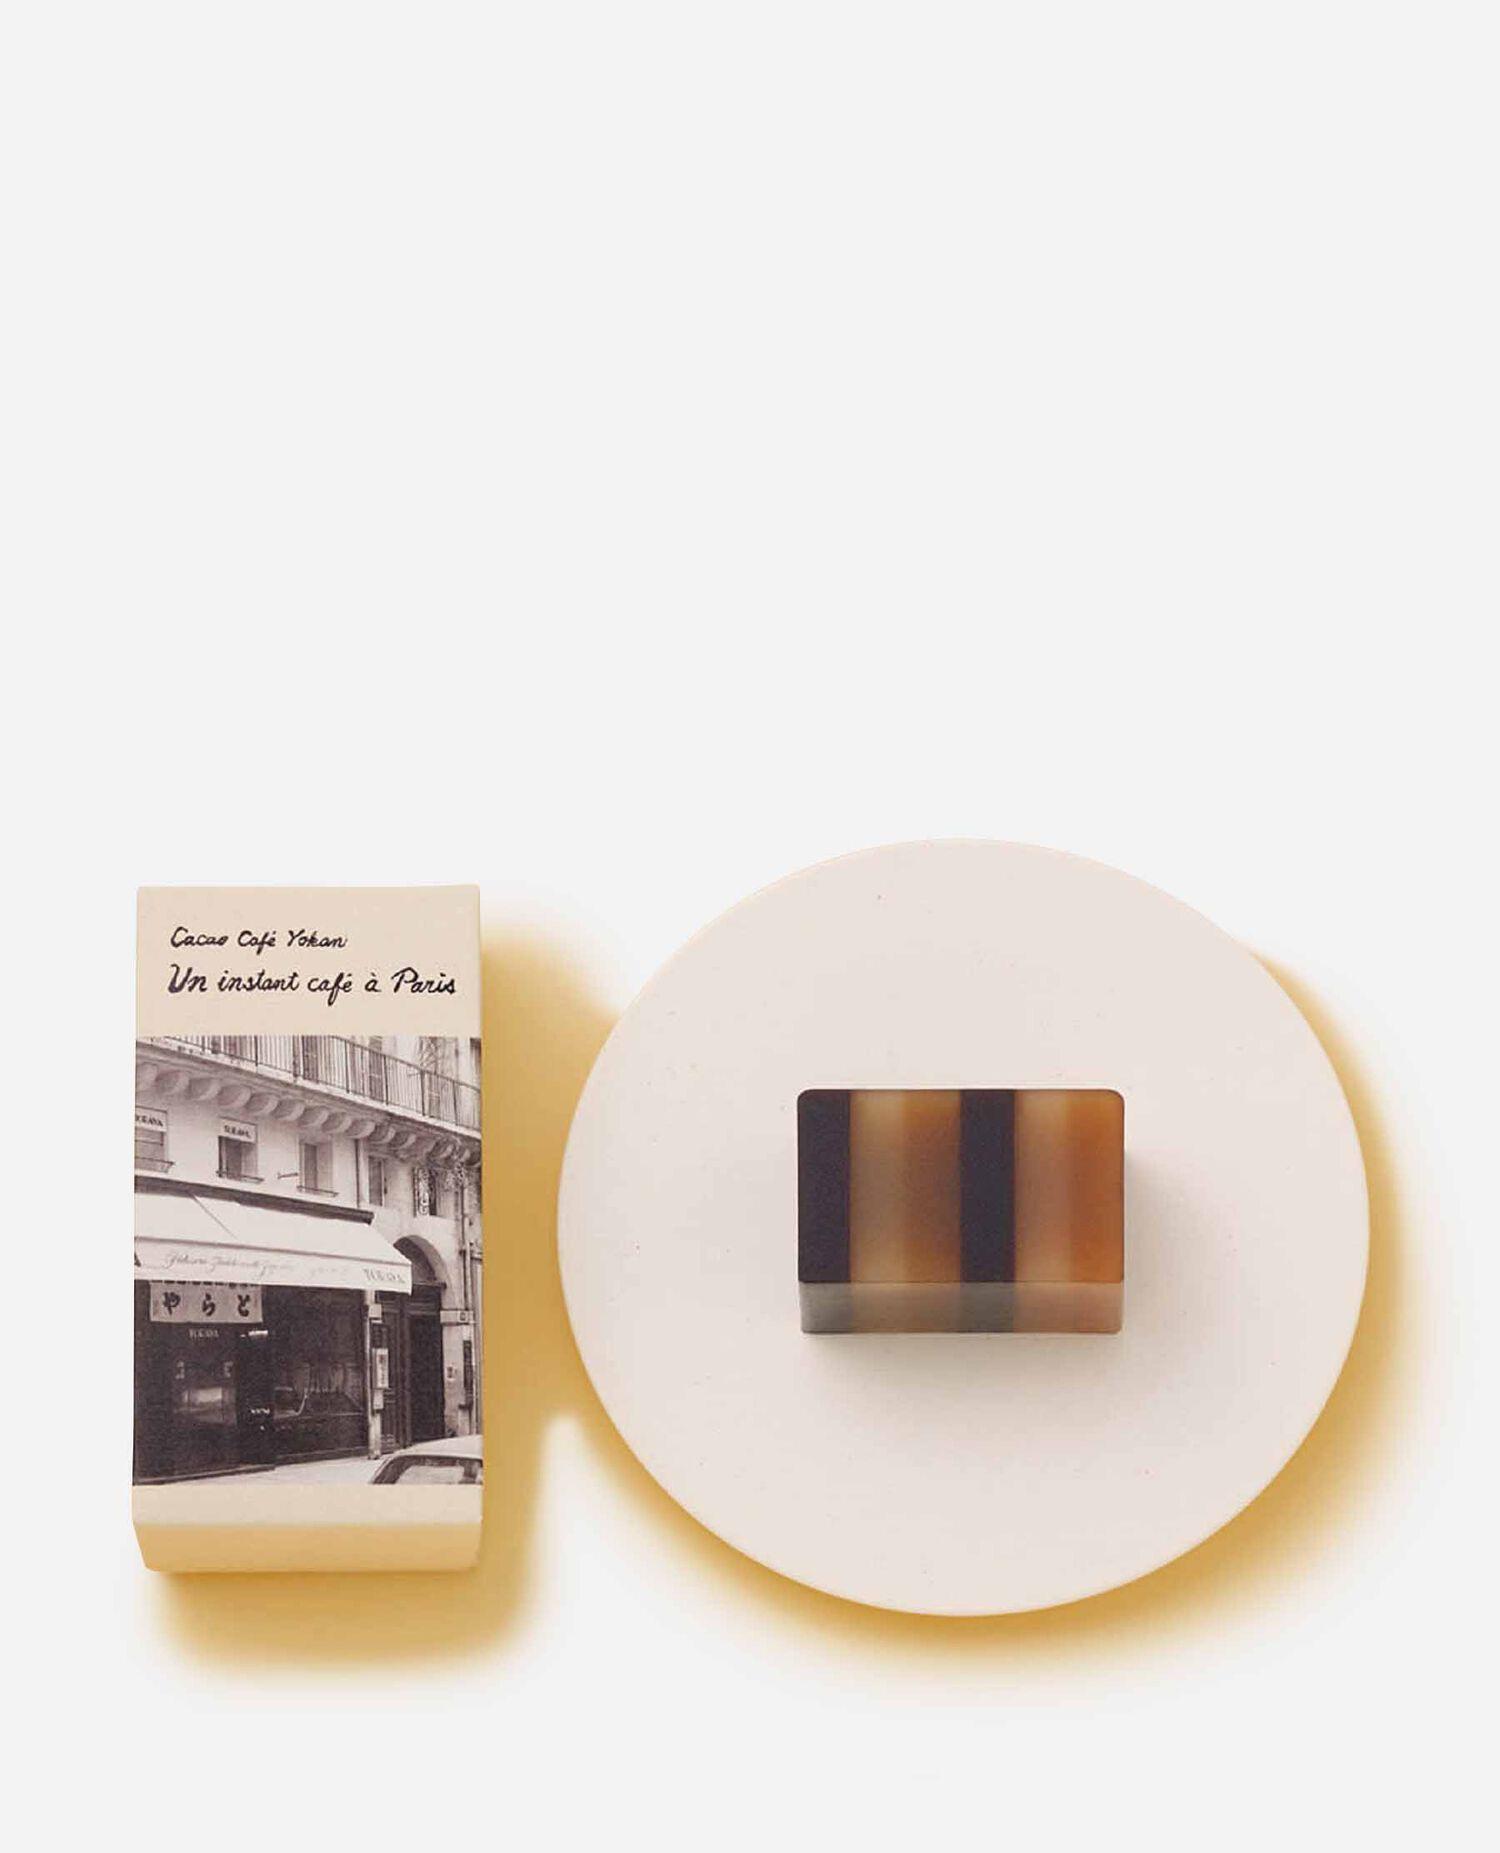 カカオ珈琲羊羹 昼下がりのカフェ とらやパリ店40周年企画